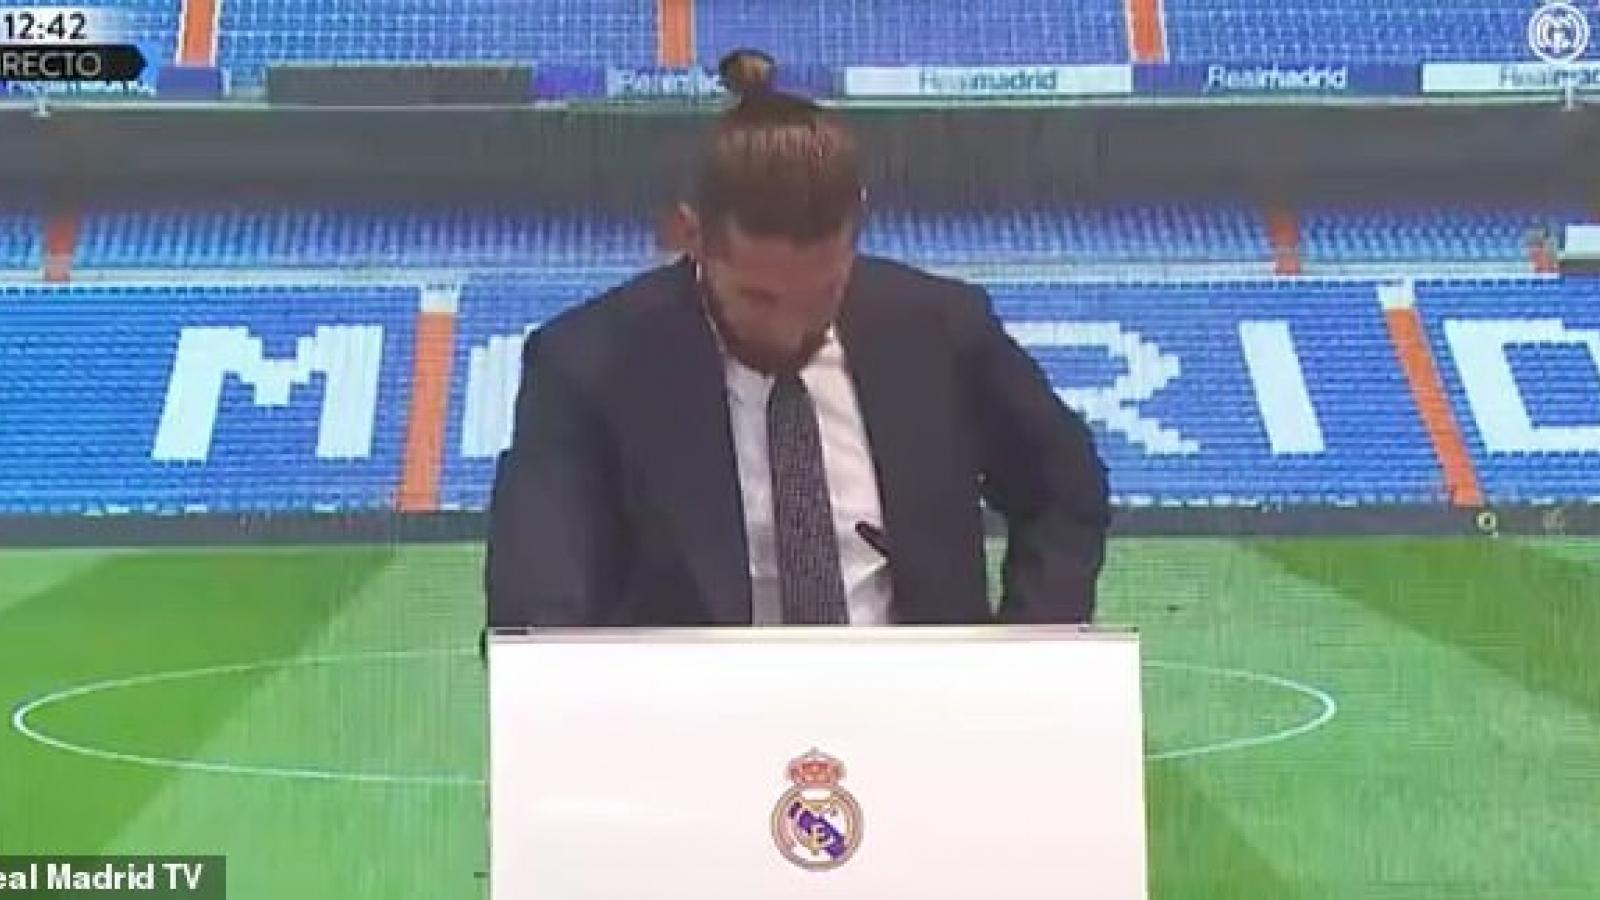 Ramos bật khóc, tiết lộ sự thật phũ phàng khi chia tay Real Madrid